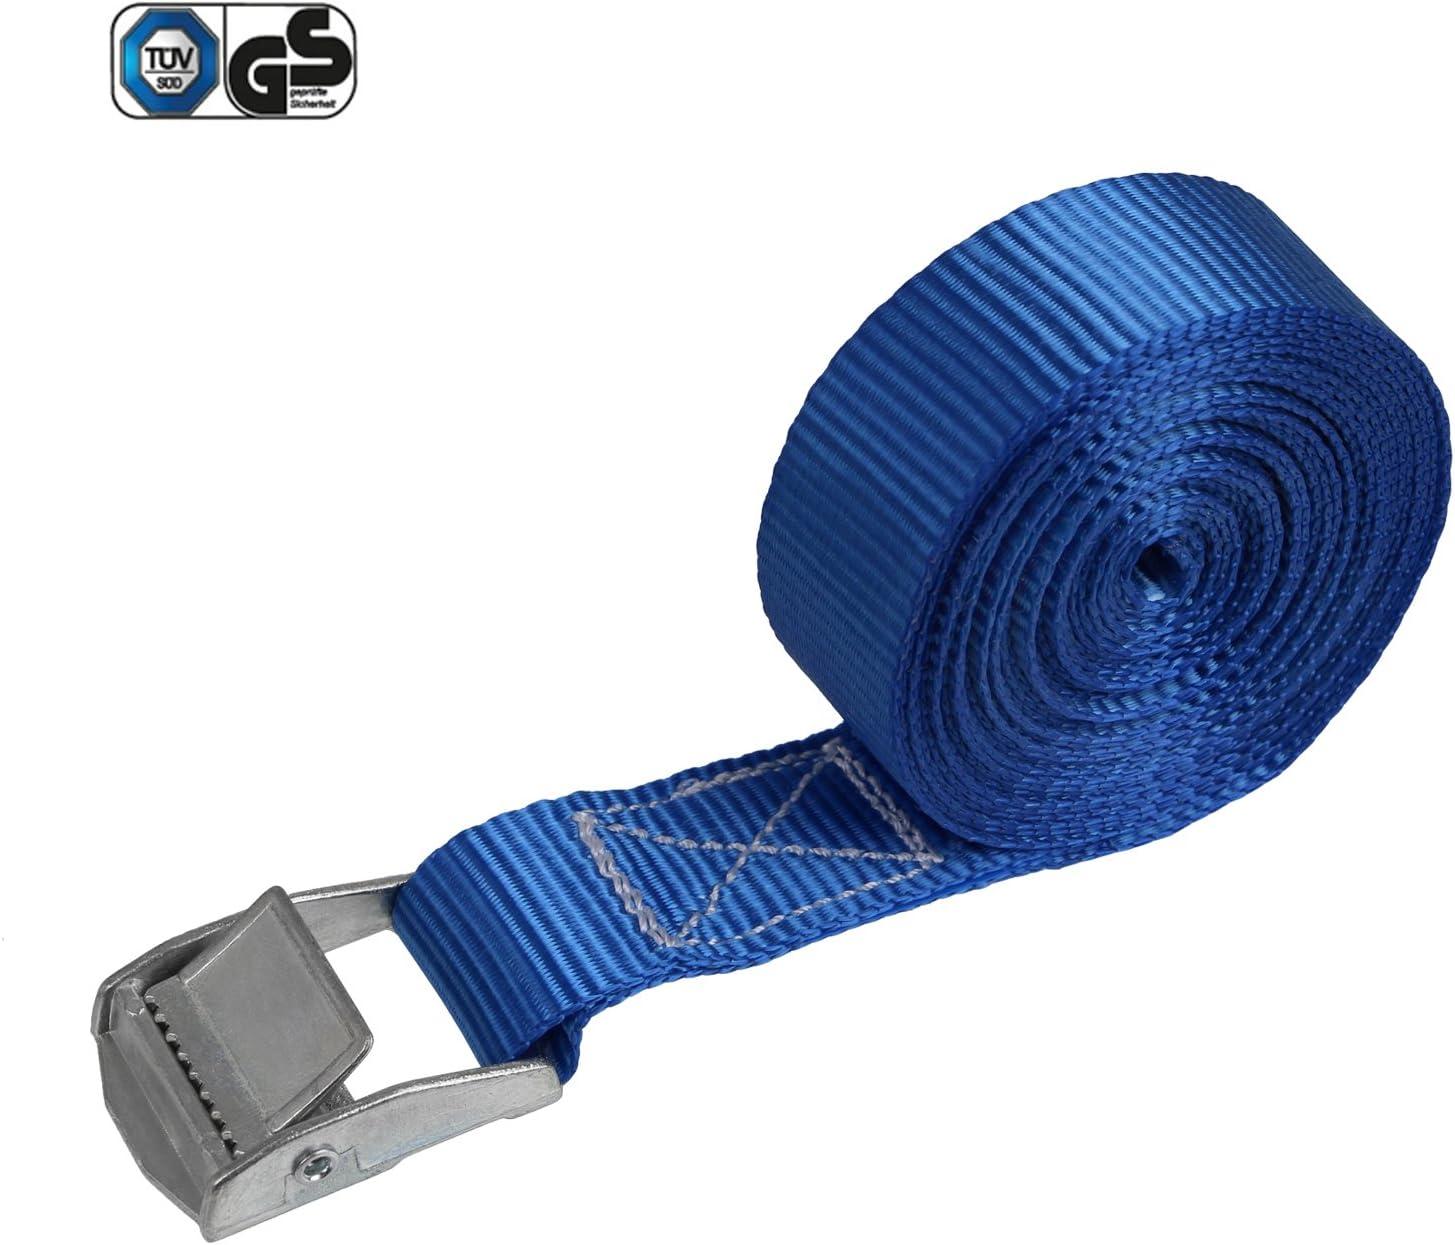 Correa de amarre cinturón de amarre con hebilla - azul - 2,5m 4m ...